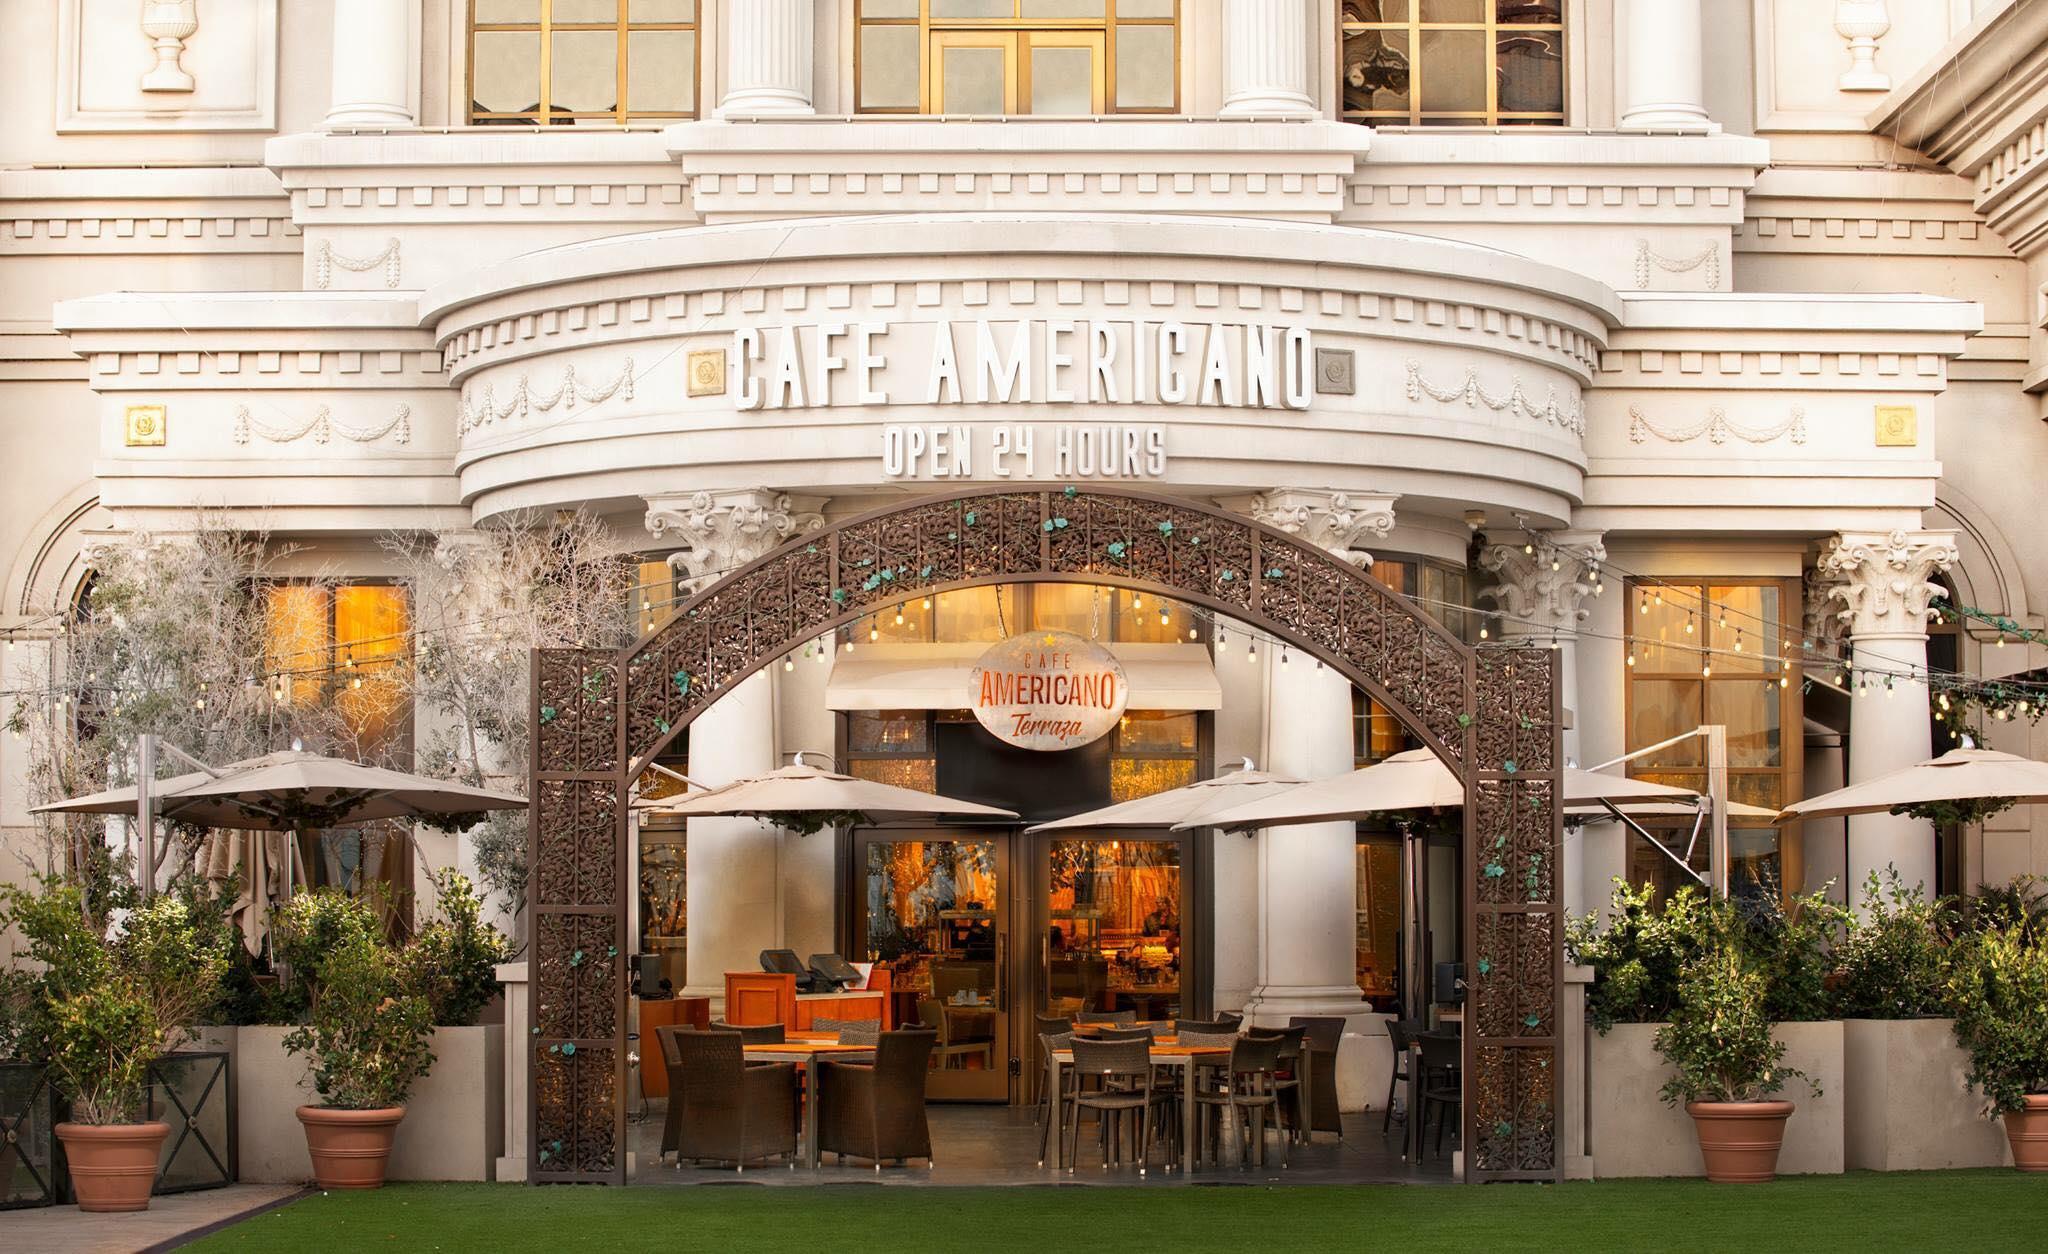 Terraza by Cafe Americano